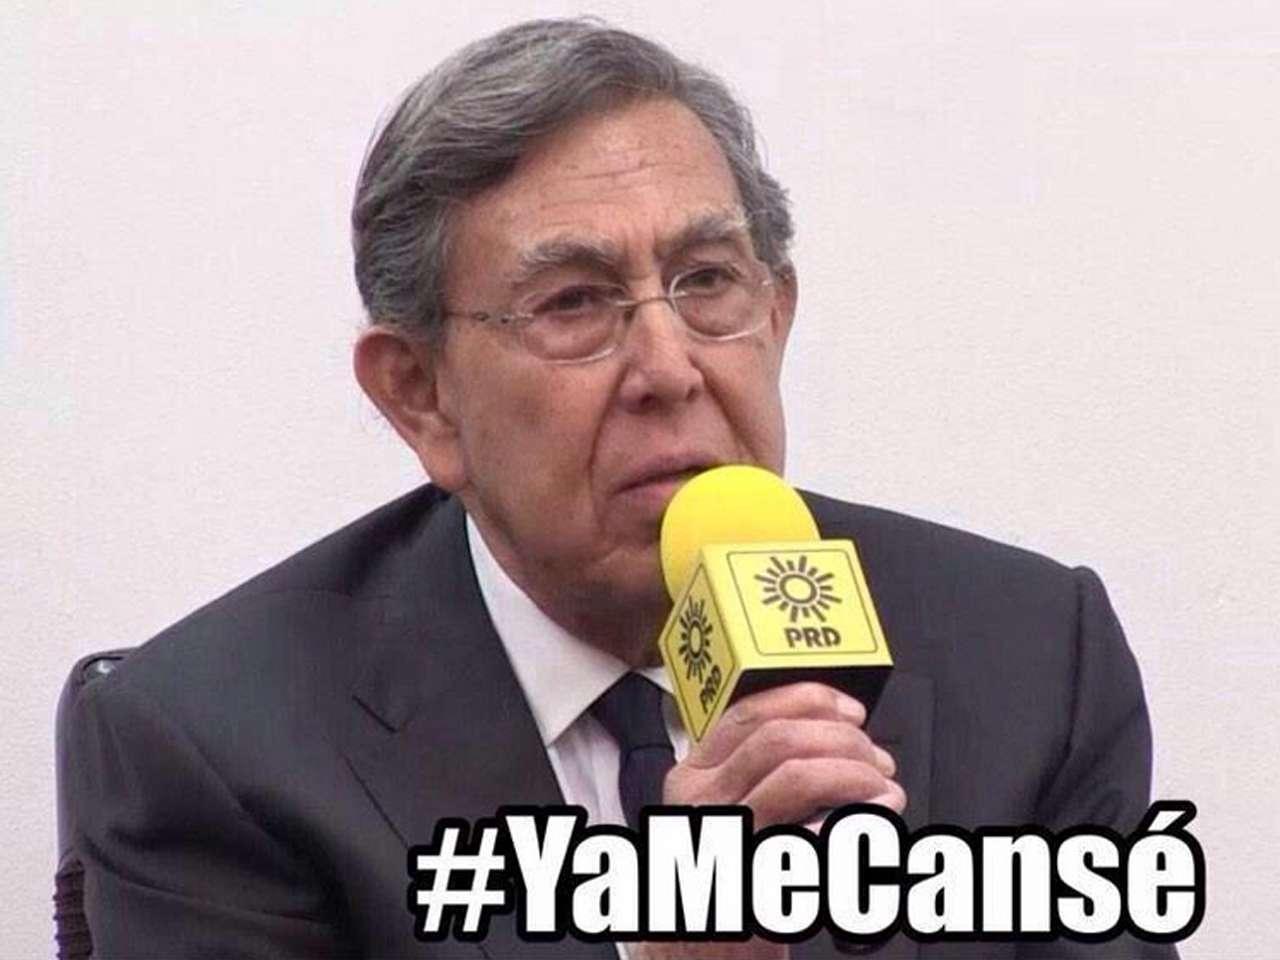 Memes de la renuncia de Cárdenas al PRD en redes sociales Foto: Twitter